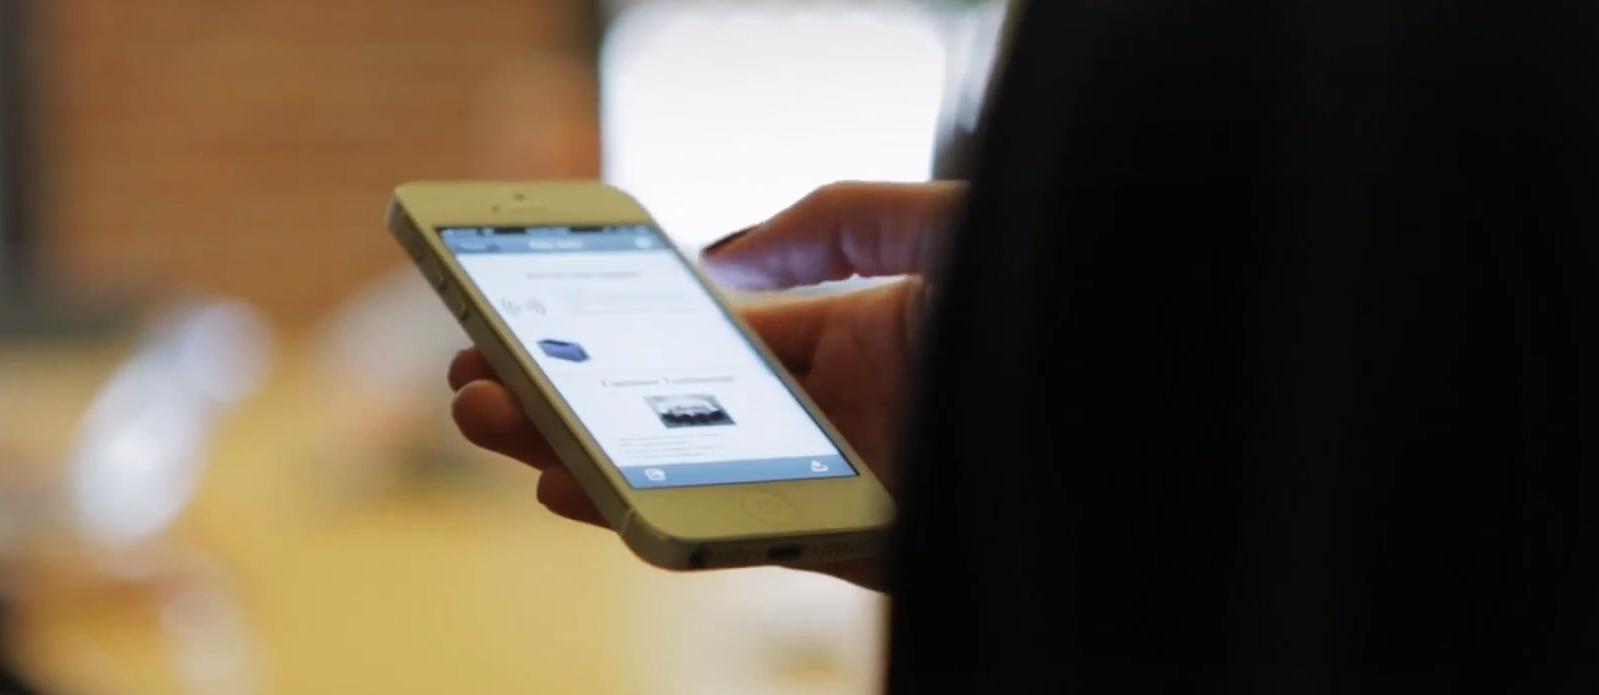 Novas mudanças no Google vão priorizar conteúdo mobile em resultados de busca